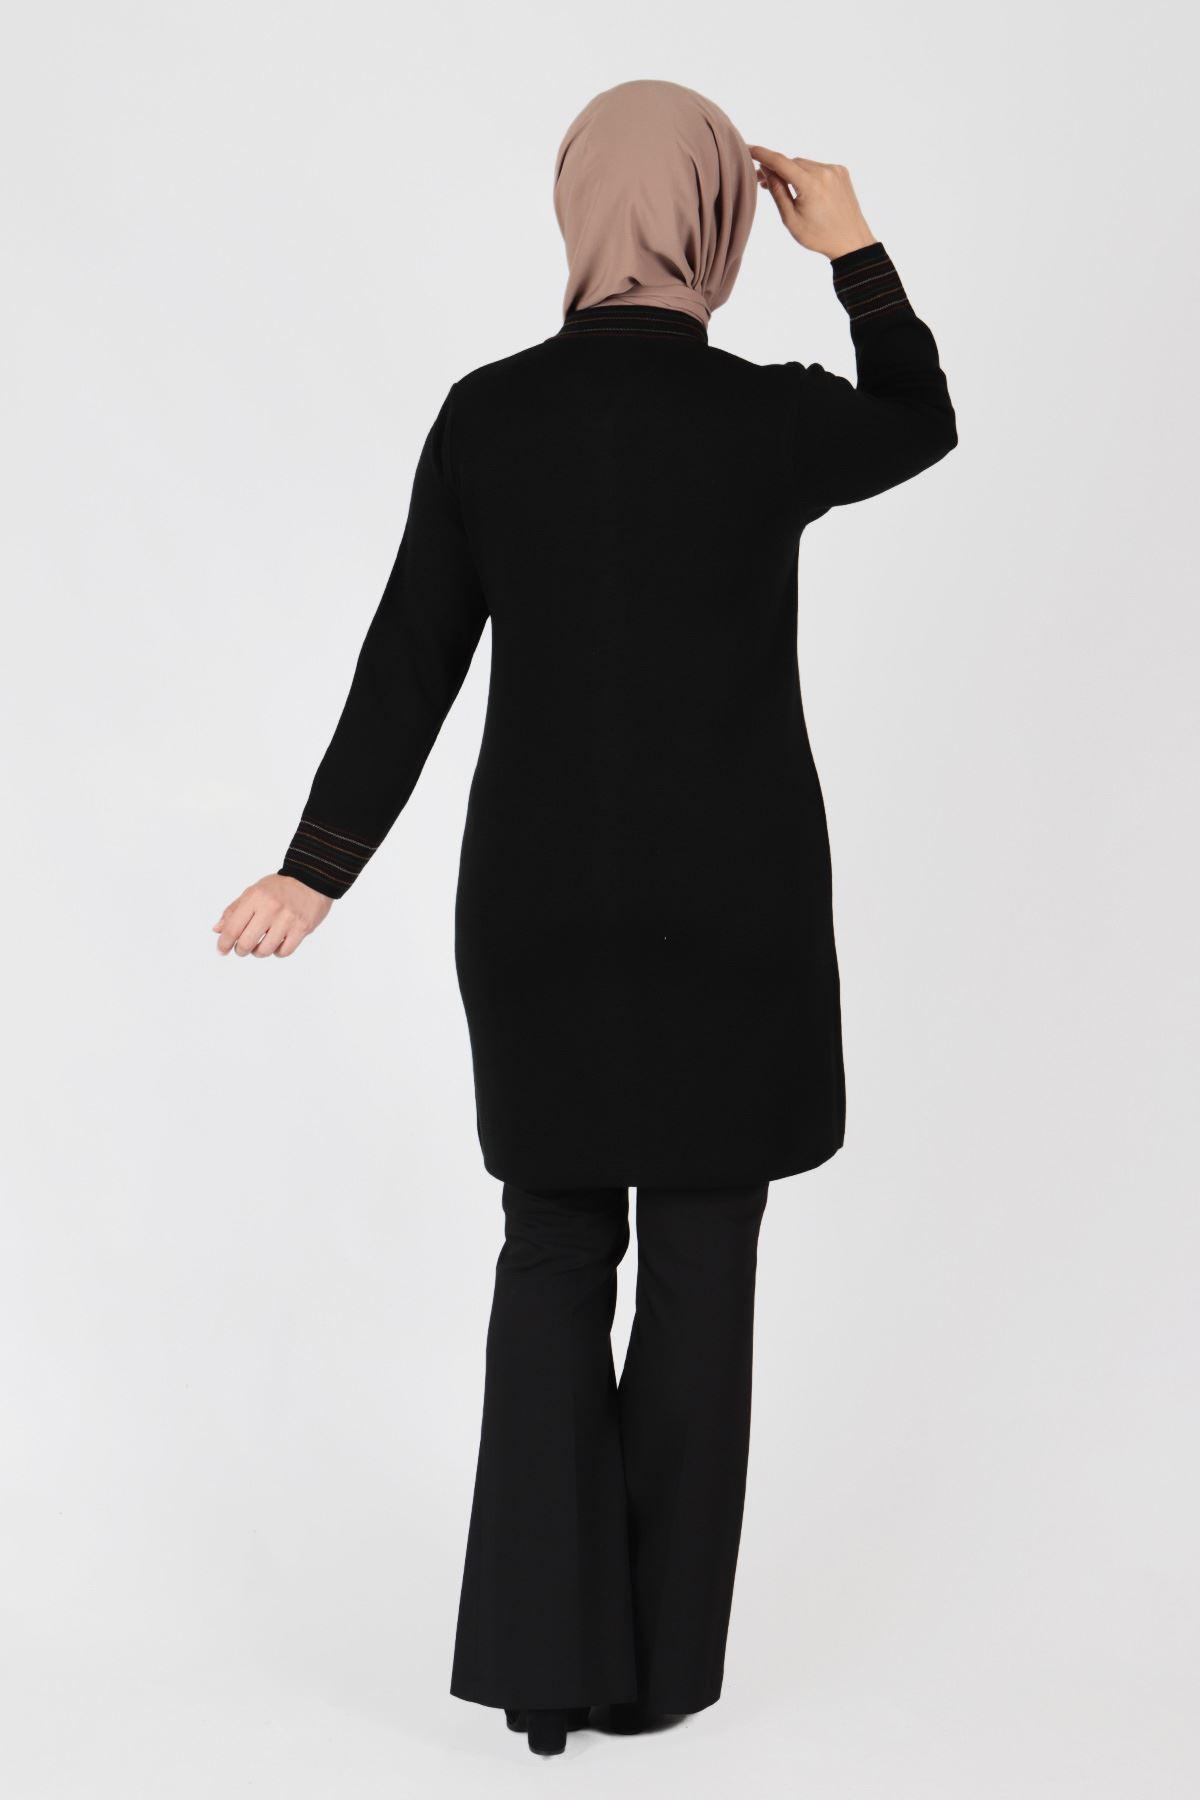 Büyük Beden Tesettür Triko Ceket 9203 Siyah